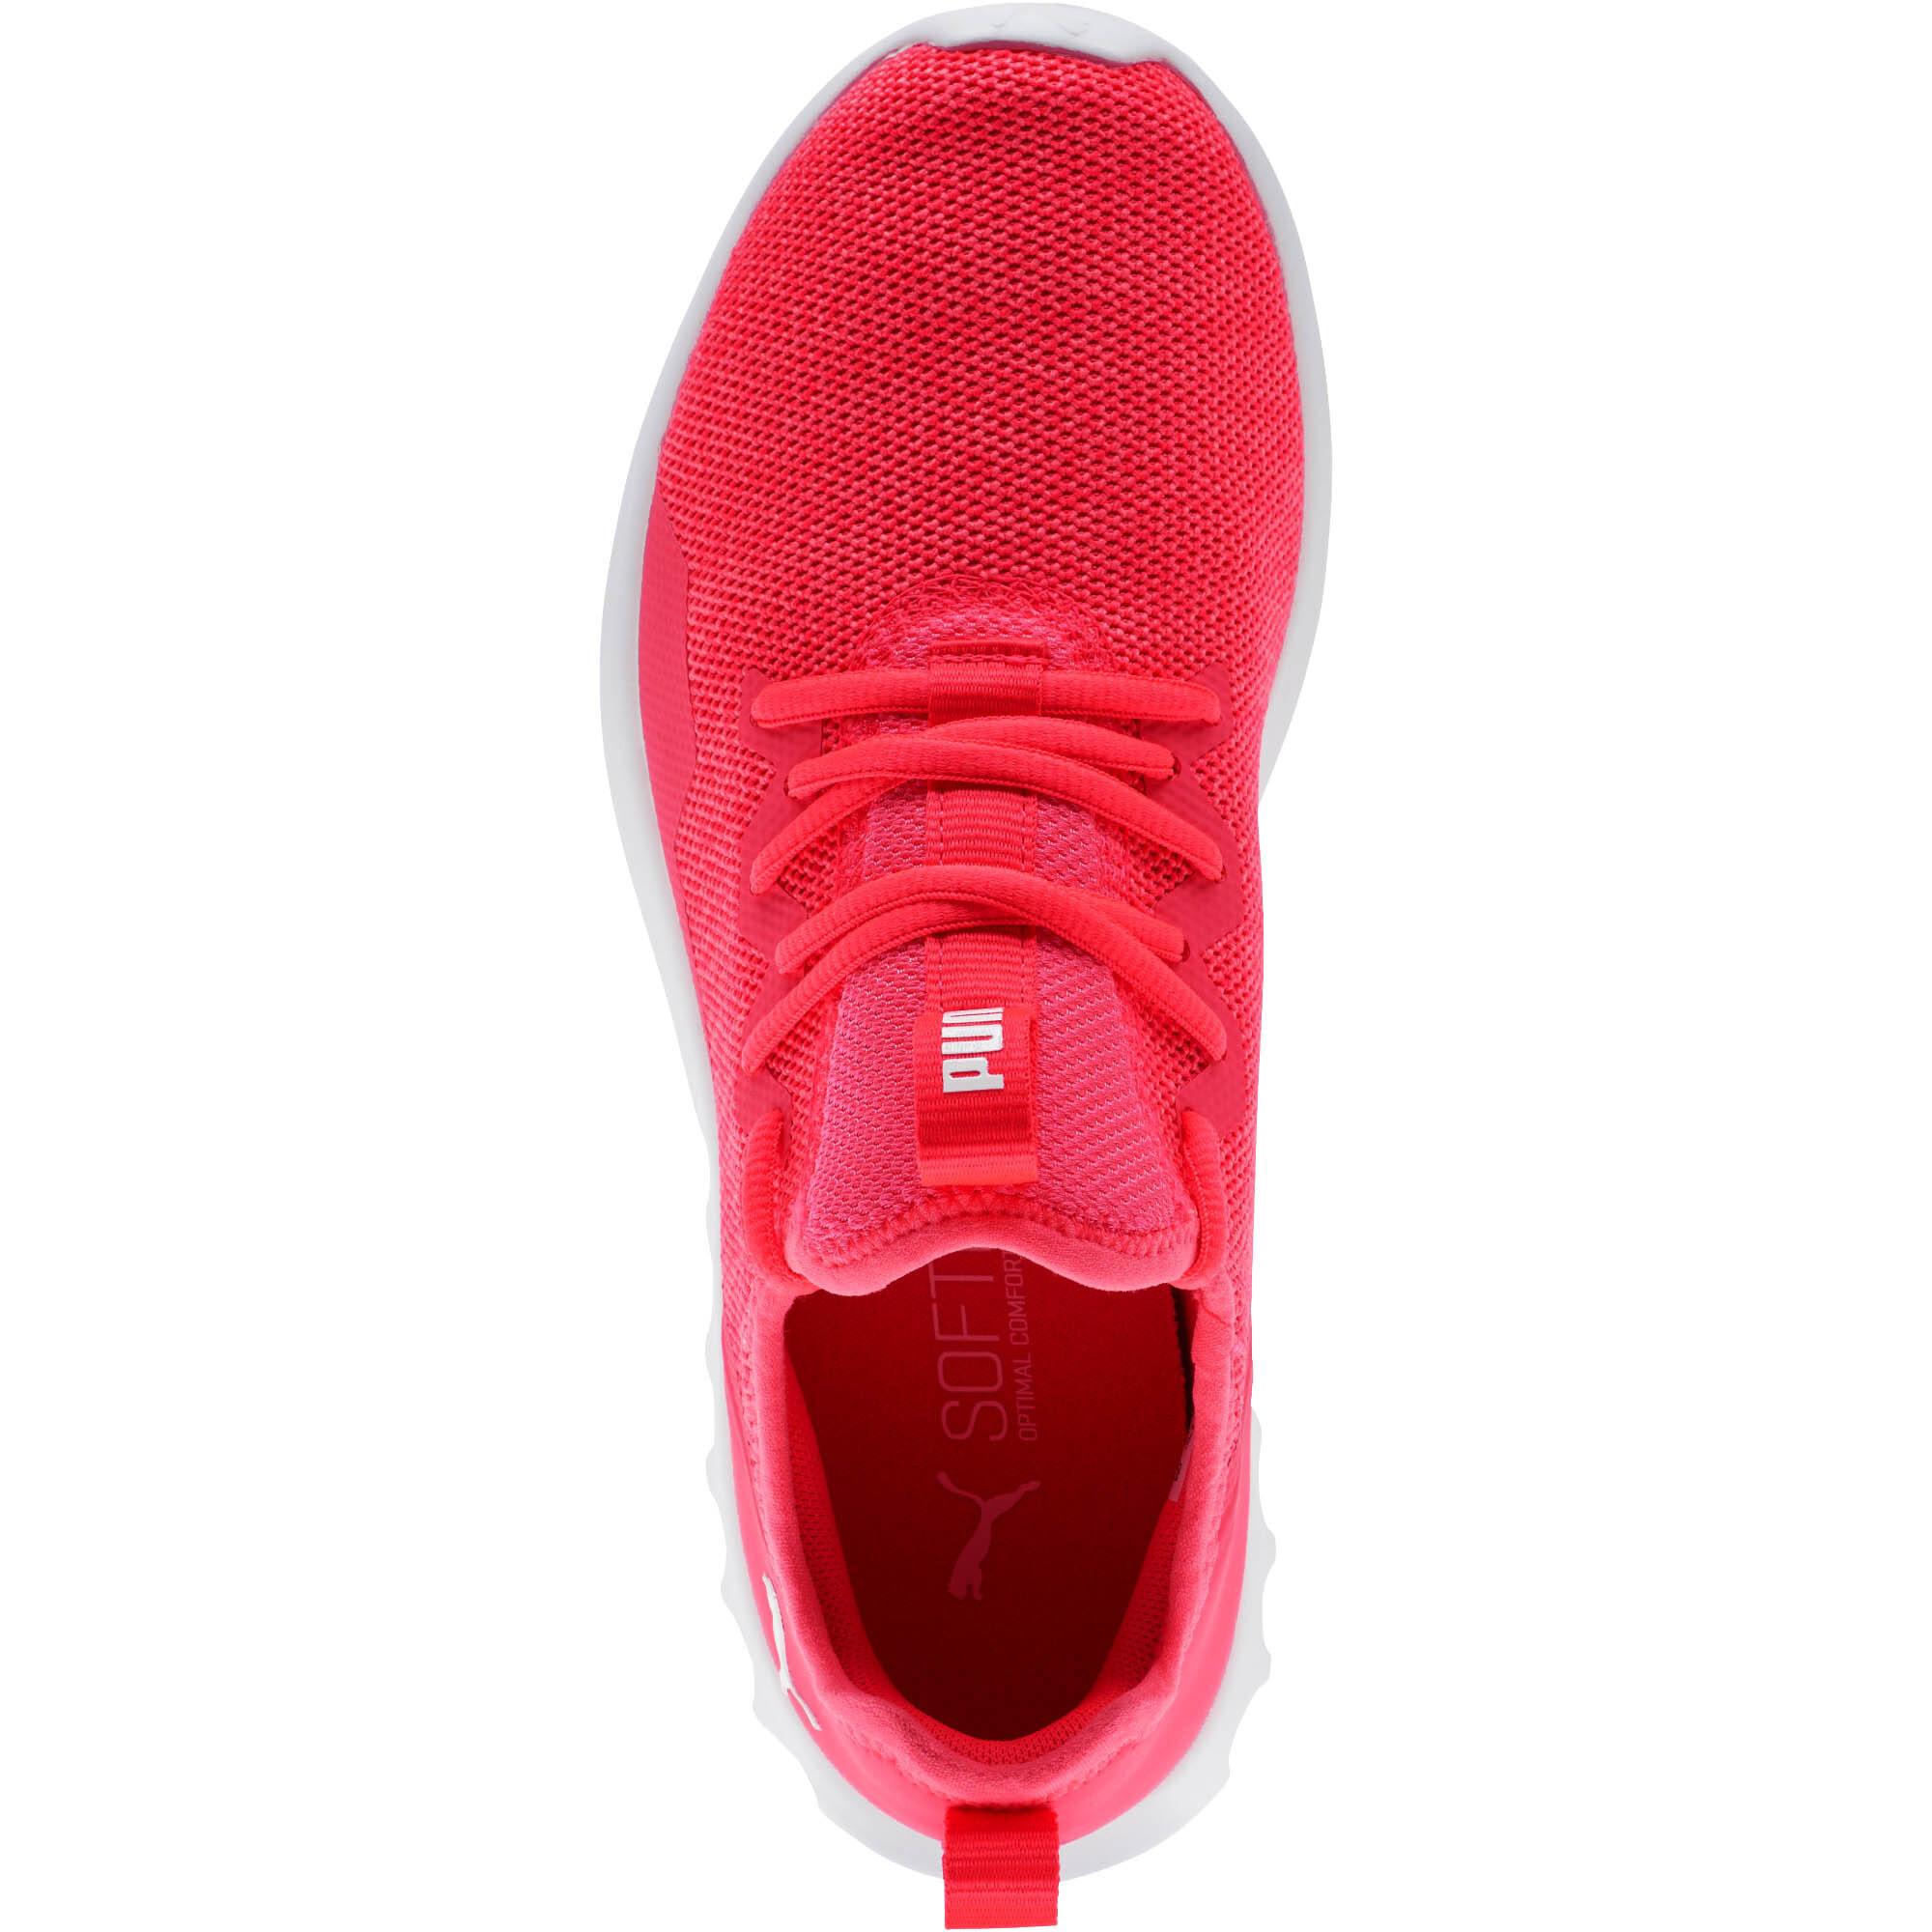 PUMA-Carson-2-X-Knit-Women-s-Running-Shoes-Women-Shoe-Running thumbnail 18